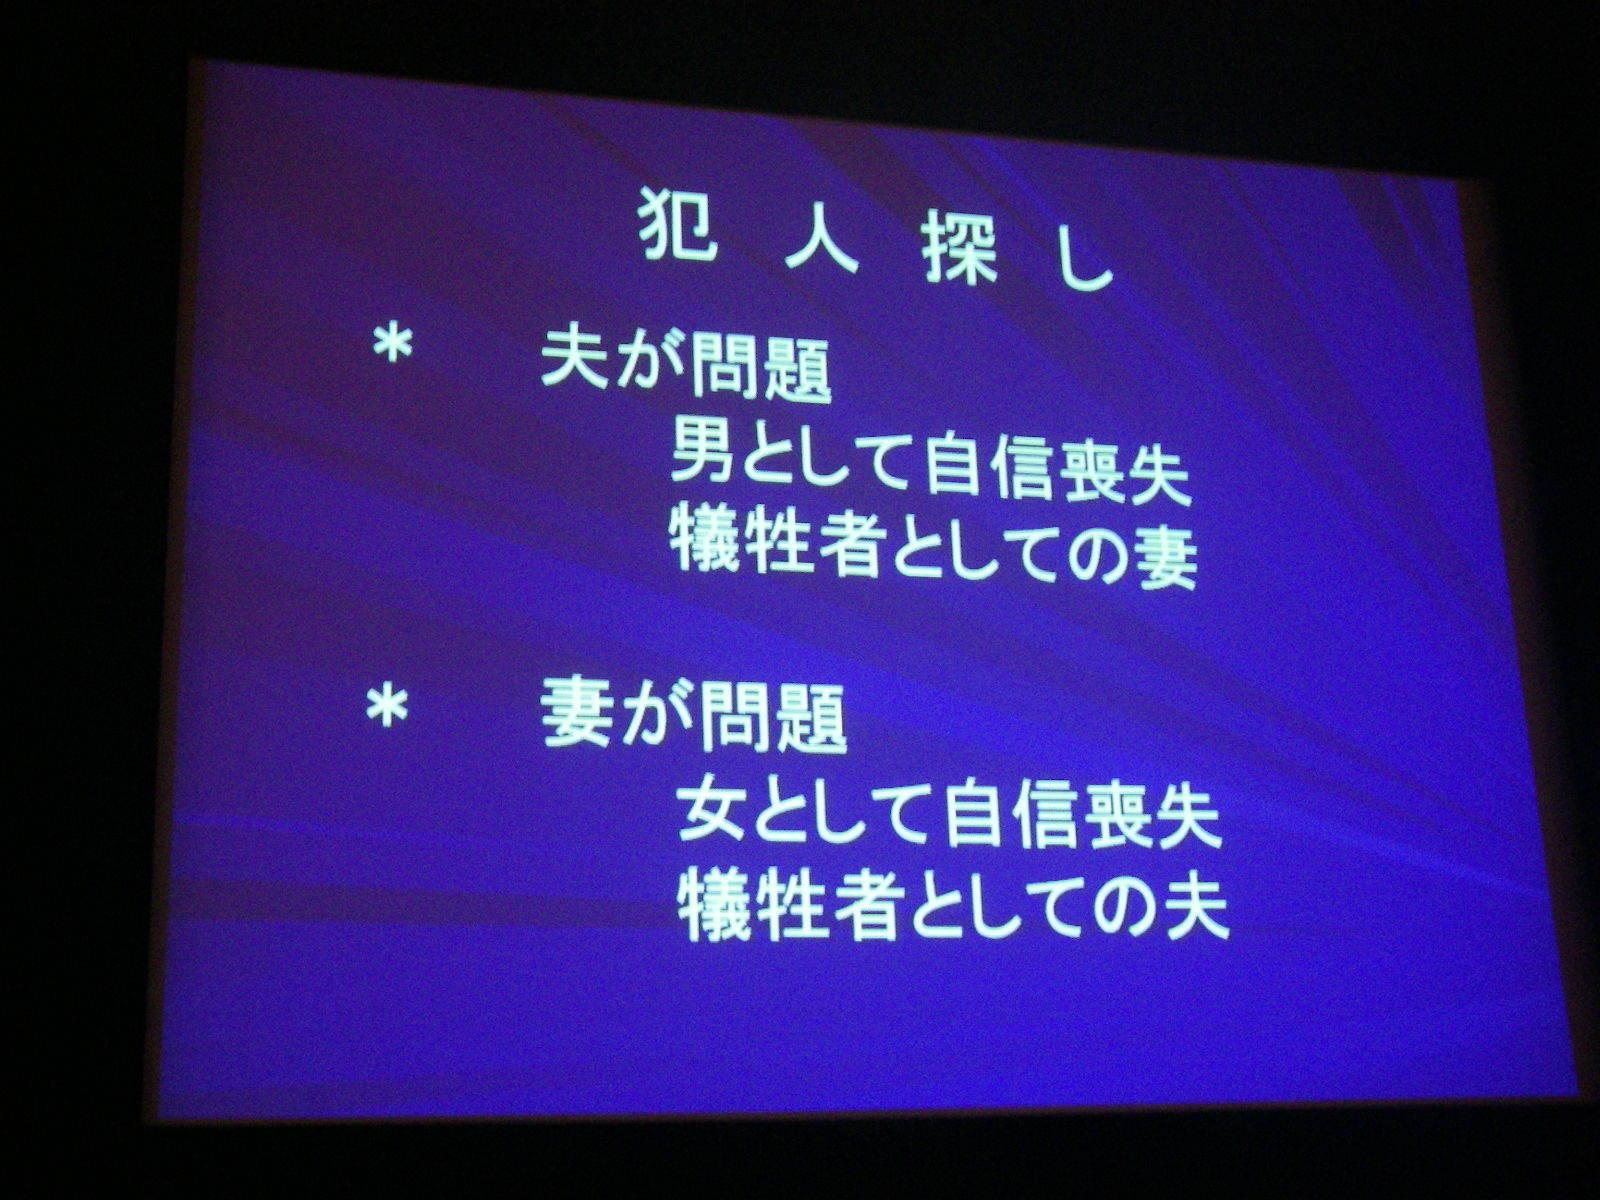 不妊カウンセリング学会の講演のスライド title=